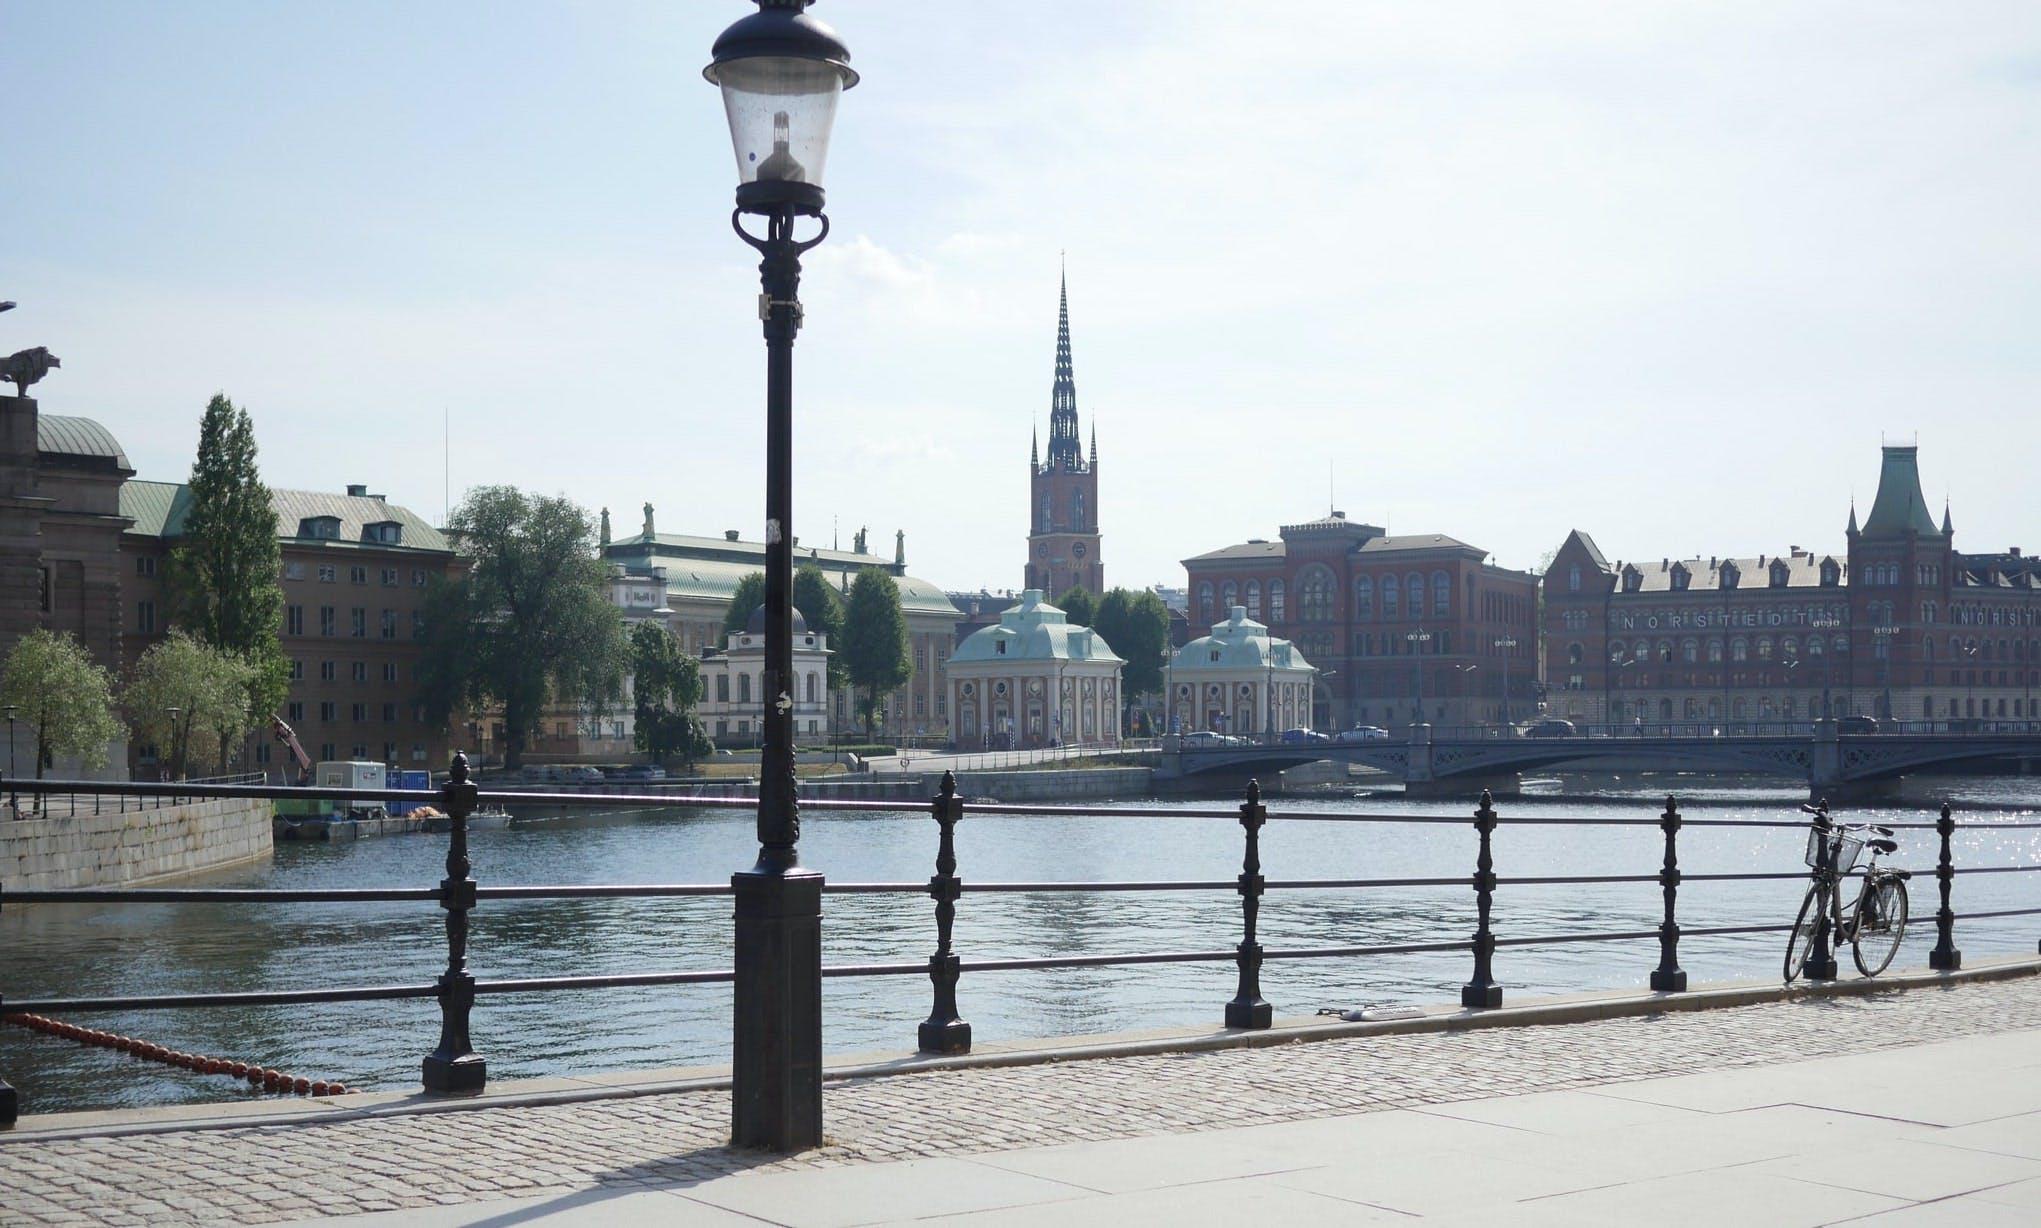 Ver la ciudad,Tours andando,Tour por Estocolmo,Tour a pie